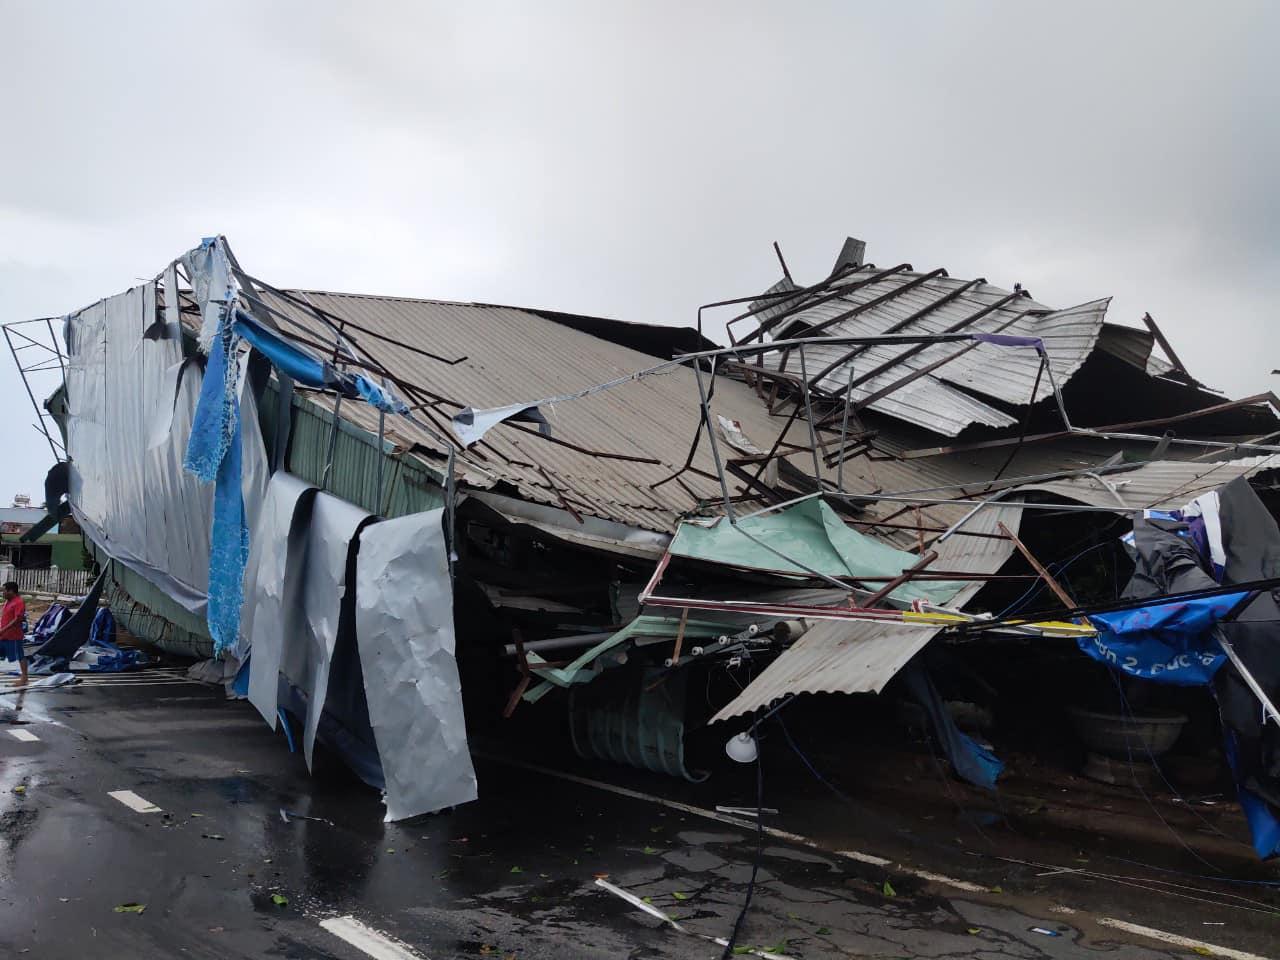 Thống kê những thiệt hại ban đầu tại Đà Nẵng, Quảng Ngãi, Phú Yên khi siêu bão số 9 càn quét mạnh nhất 14